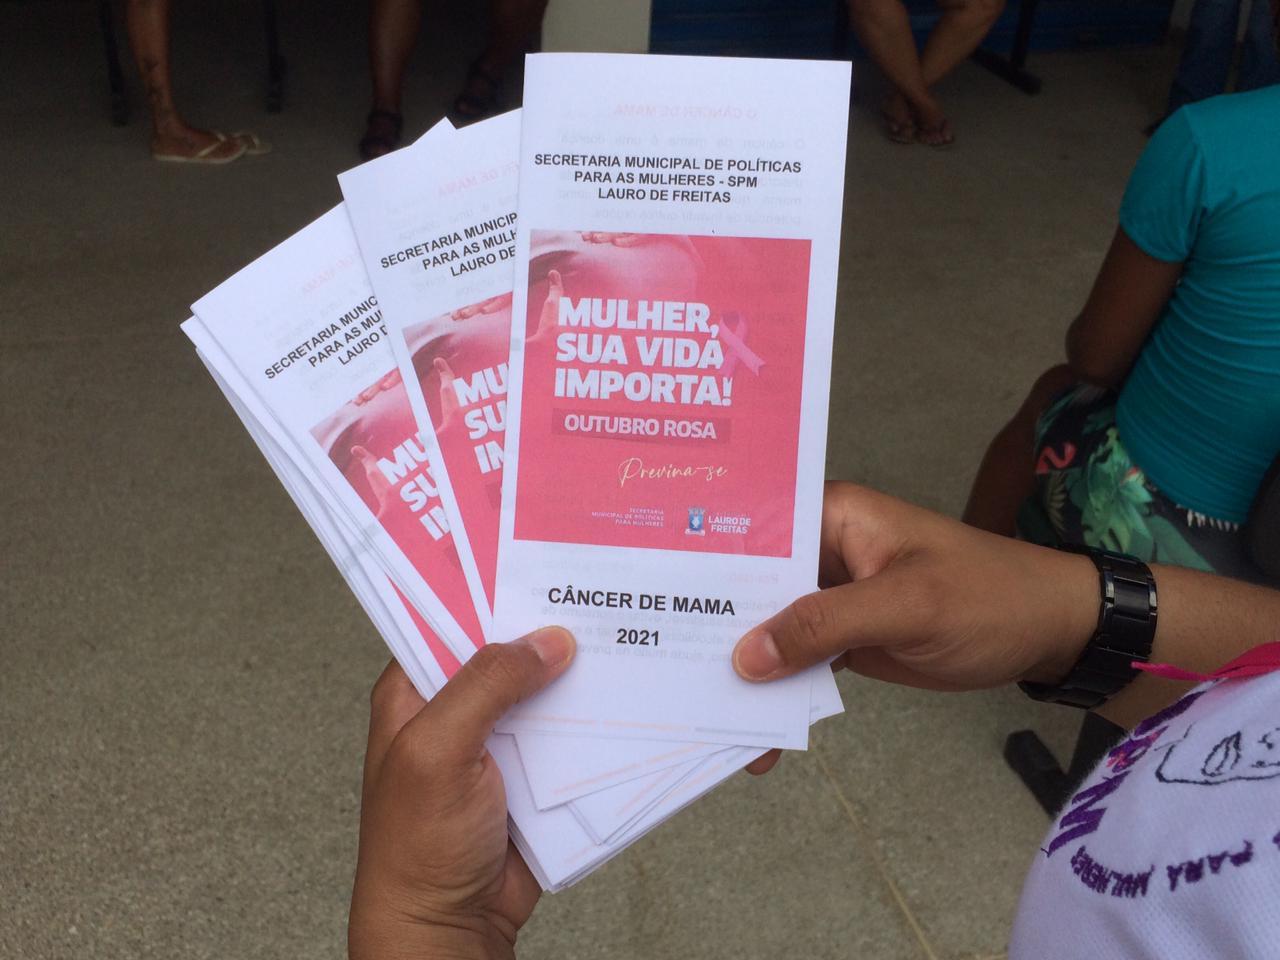 Outubro Rosa: SPM promove conscientização sobre o câncer de mama em Lauro de Freitas